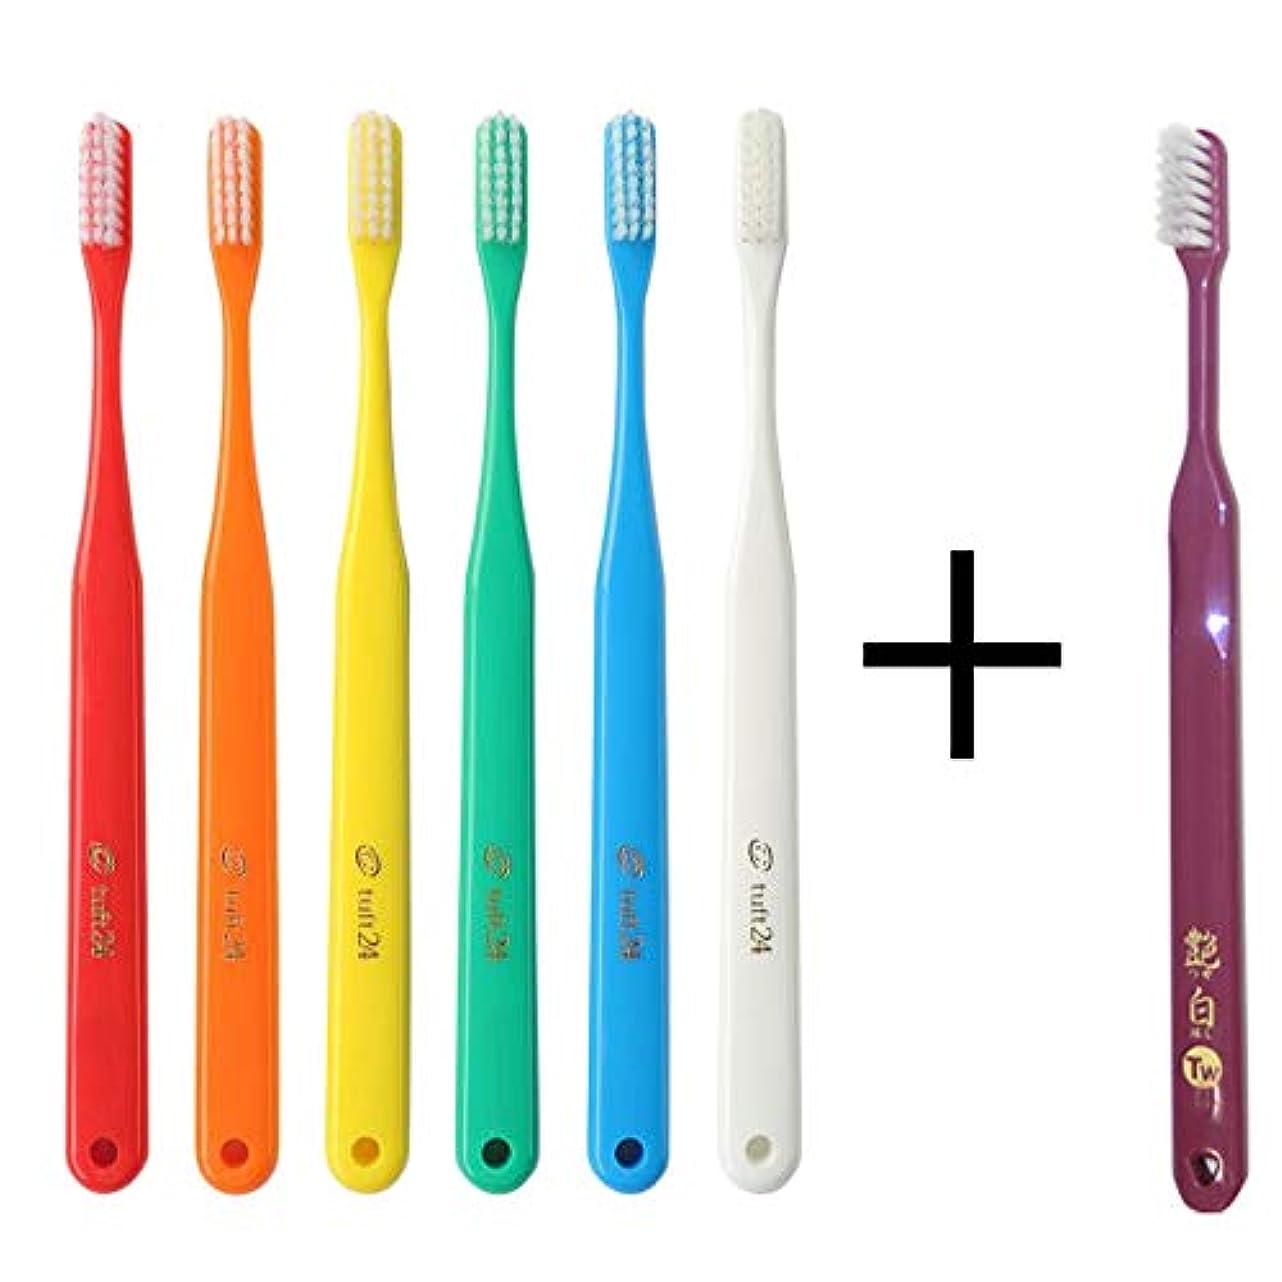 ビュッフェペチュランス服を洗うキャップなし タフト24 歯ブラシ × 25本入 S (アソート) + 艶白 歯ブラシ (日本製) ×1本 MS(やややわらかめ) 大人用歯ブラシ 歯科医院取扱品